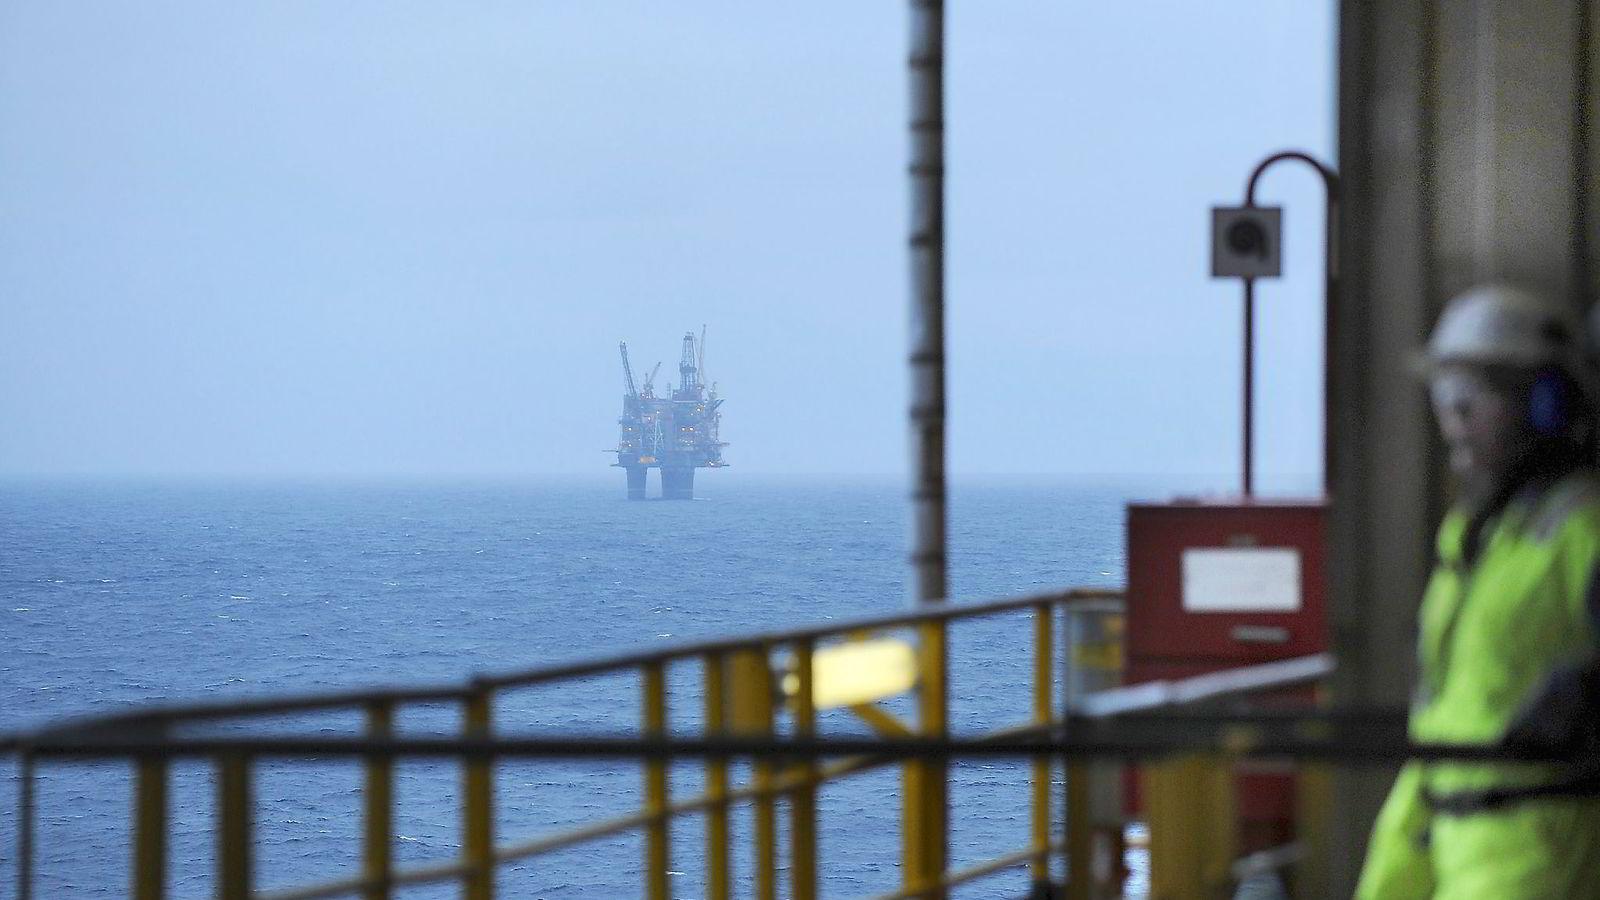 Med oljeprisfall og aukande arbeidsløyse er det viktig med innovasjon og nye investeringar. Auka utbytteskatt kan gjere det endå vanskelegare, skriver artikkelforfattarane. Foto: Harald Pettersen, Statoil